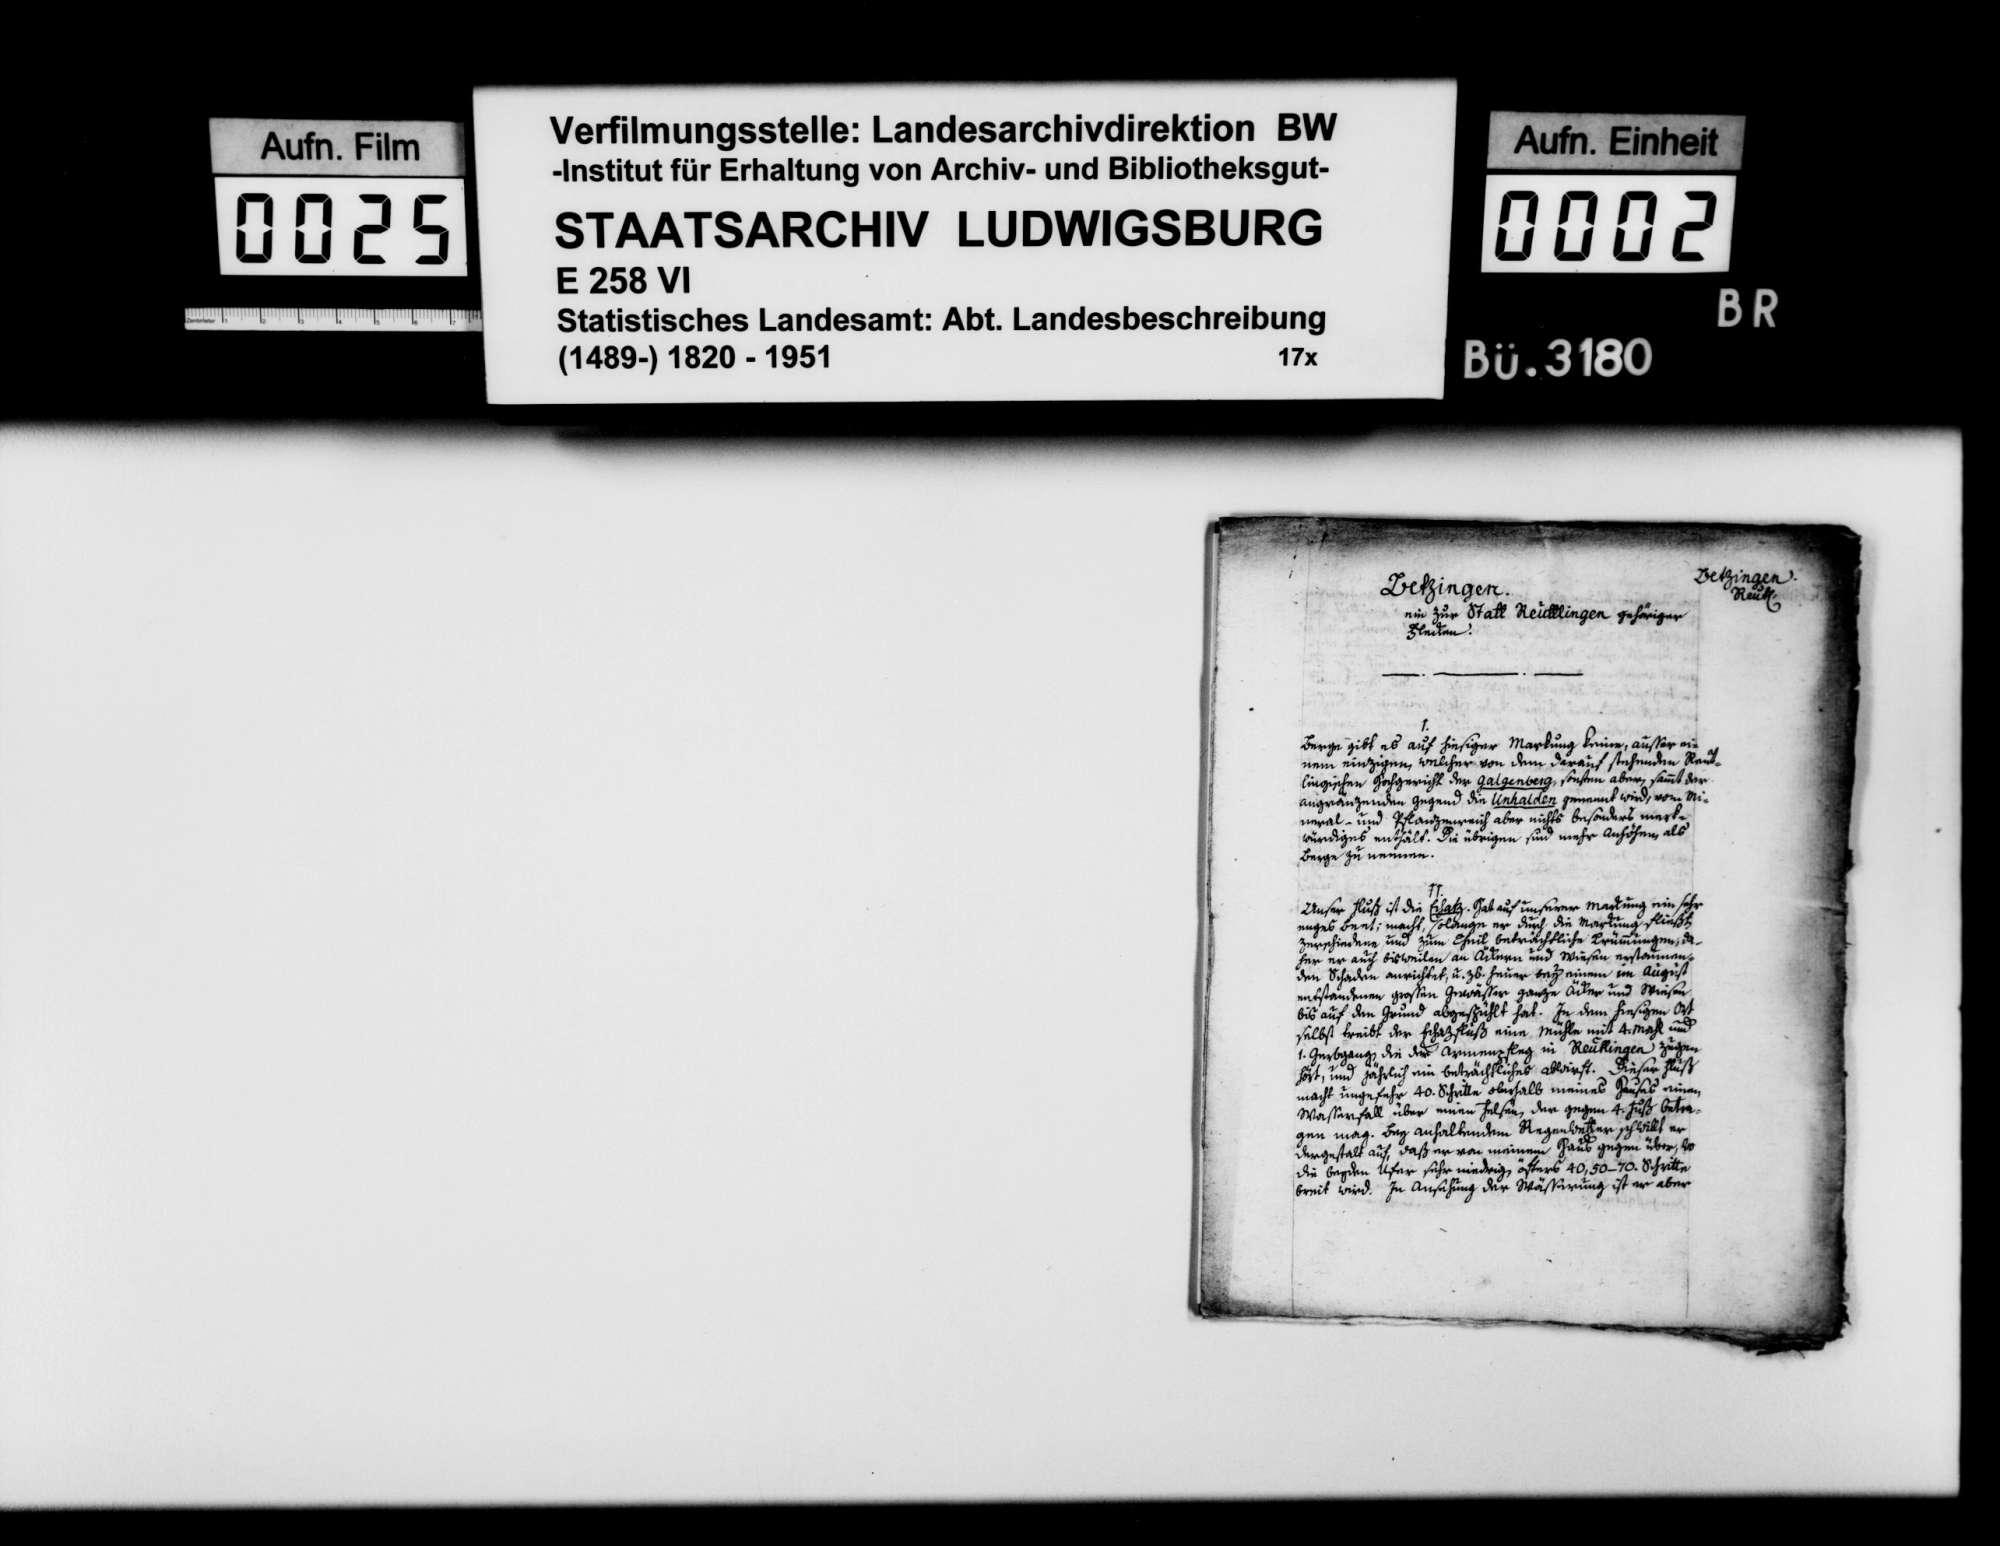 Auskünfte des Pfarrers Kenngott aus Betzingen auf den Fragenkatalog [des Stuttgarter Gymnasialprofessors Gottlieb Friedrich Rösler zur Naturgeschichte von Württemberg; hier in Kopie Röslers], Bild 1